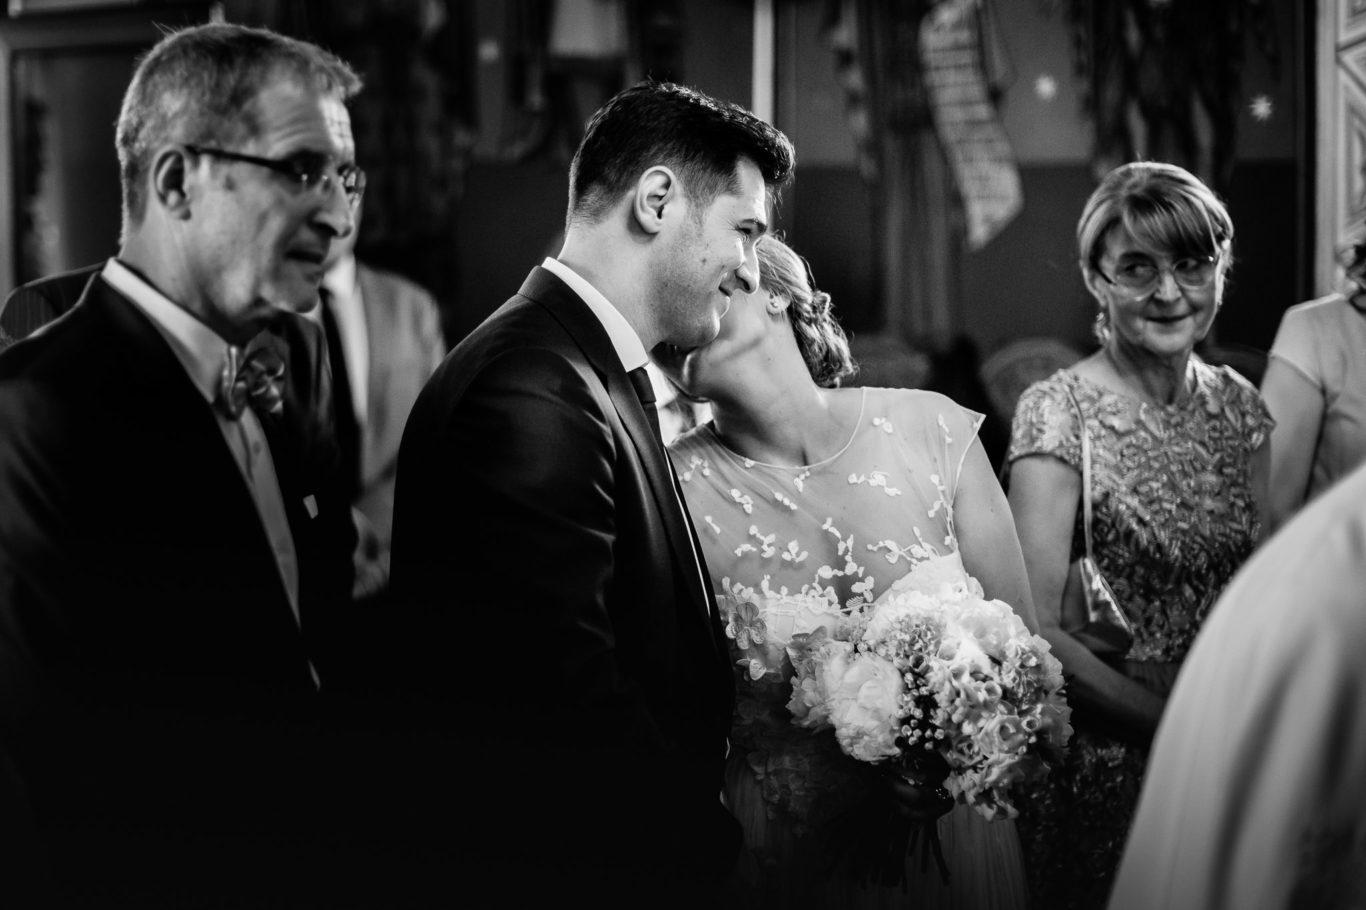 0170-Fotografie-nunta-botez-Ingrid-Geta-Mihai-fotograf-Ciprian-Dumitrescu-DCF_8722